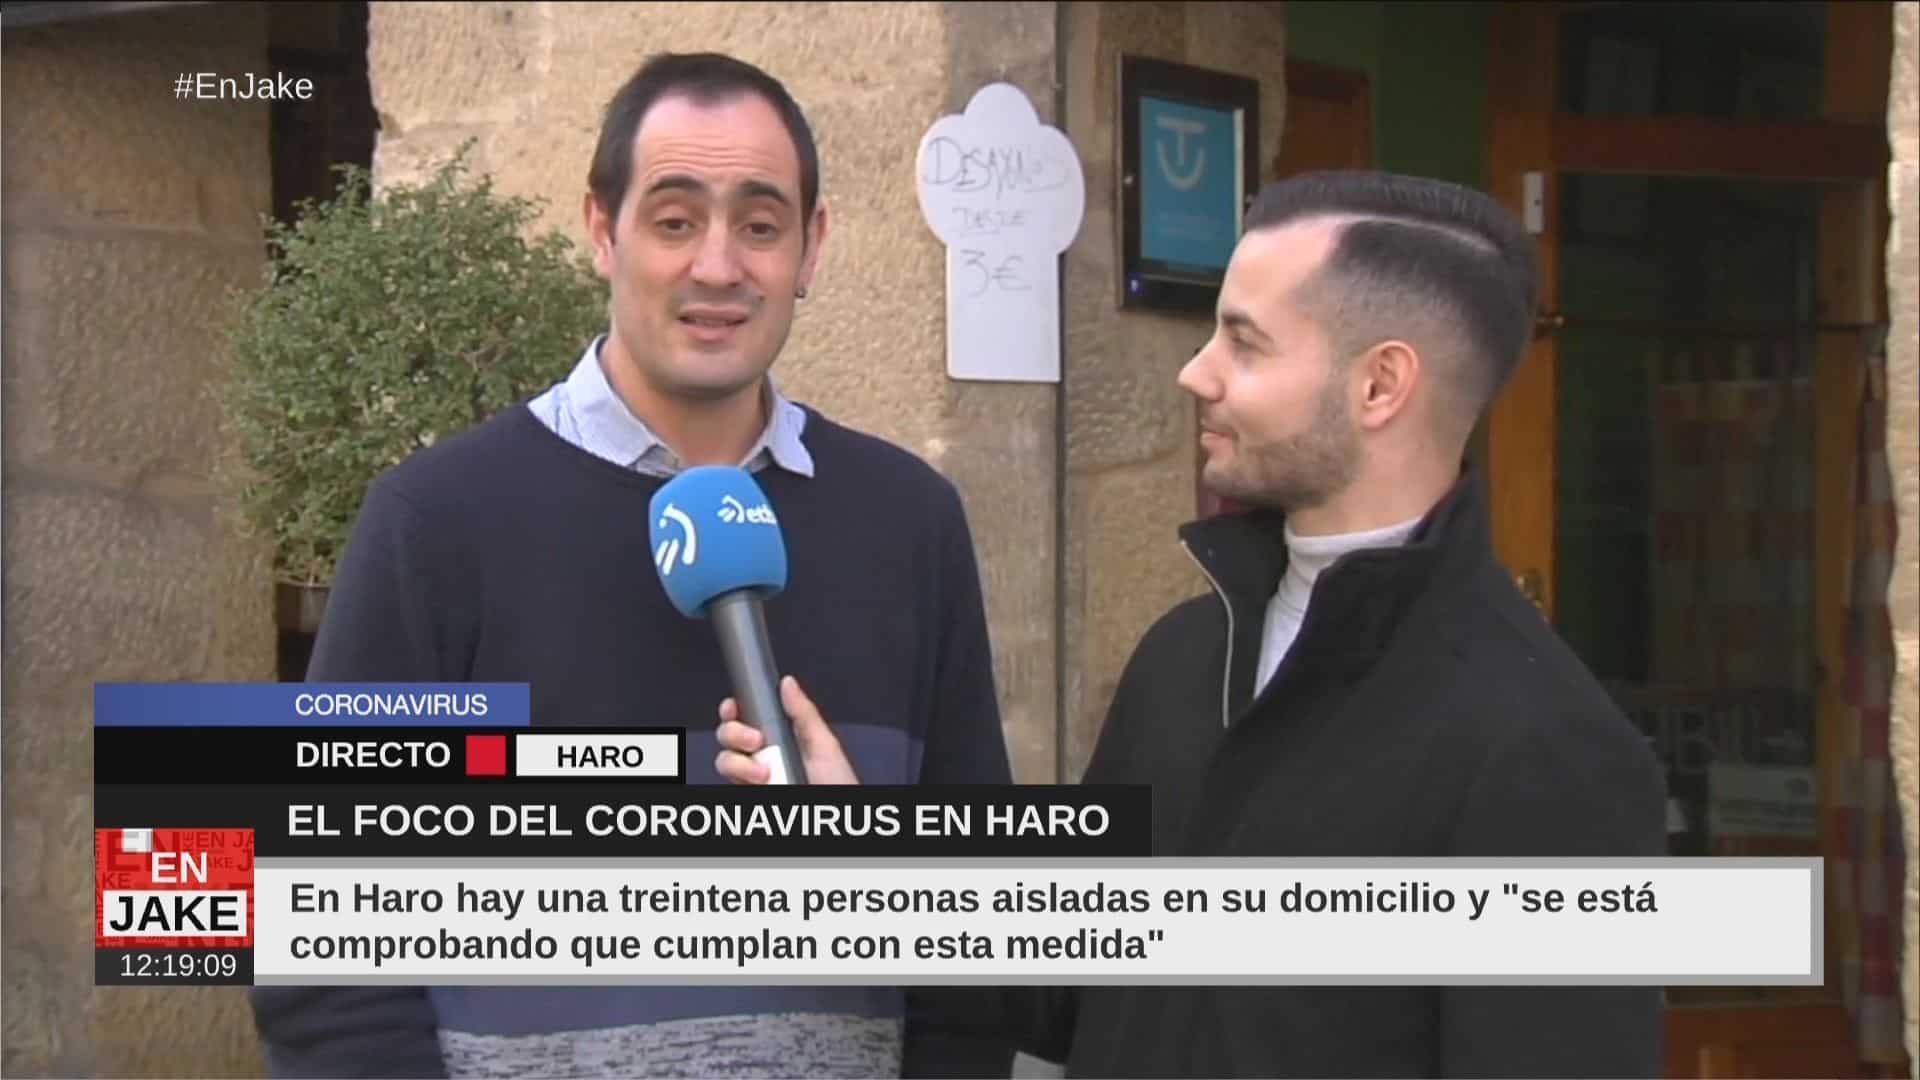 """La hostelería y el comercio de Haro, preocupada con la """"psicosis"""" por el coronavirus 1"""